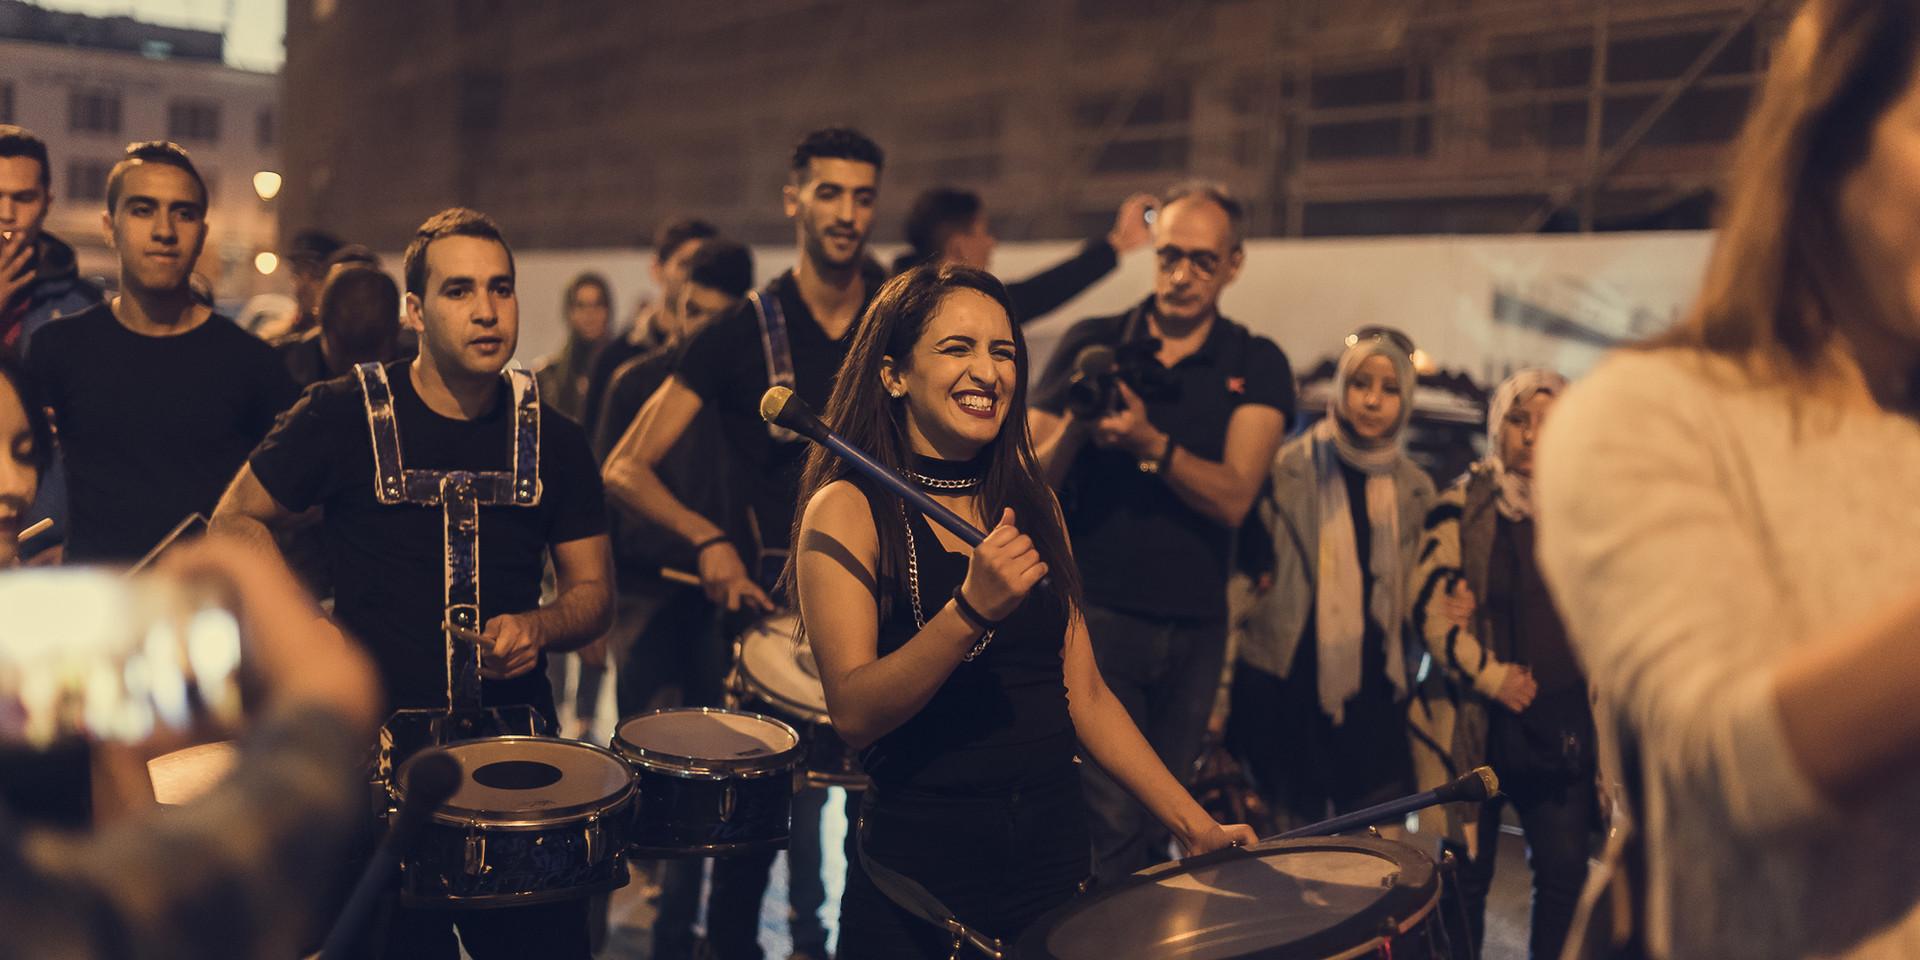 Parade Visa For Music 2017